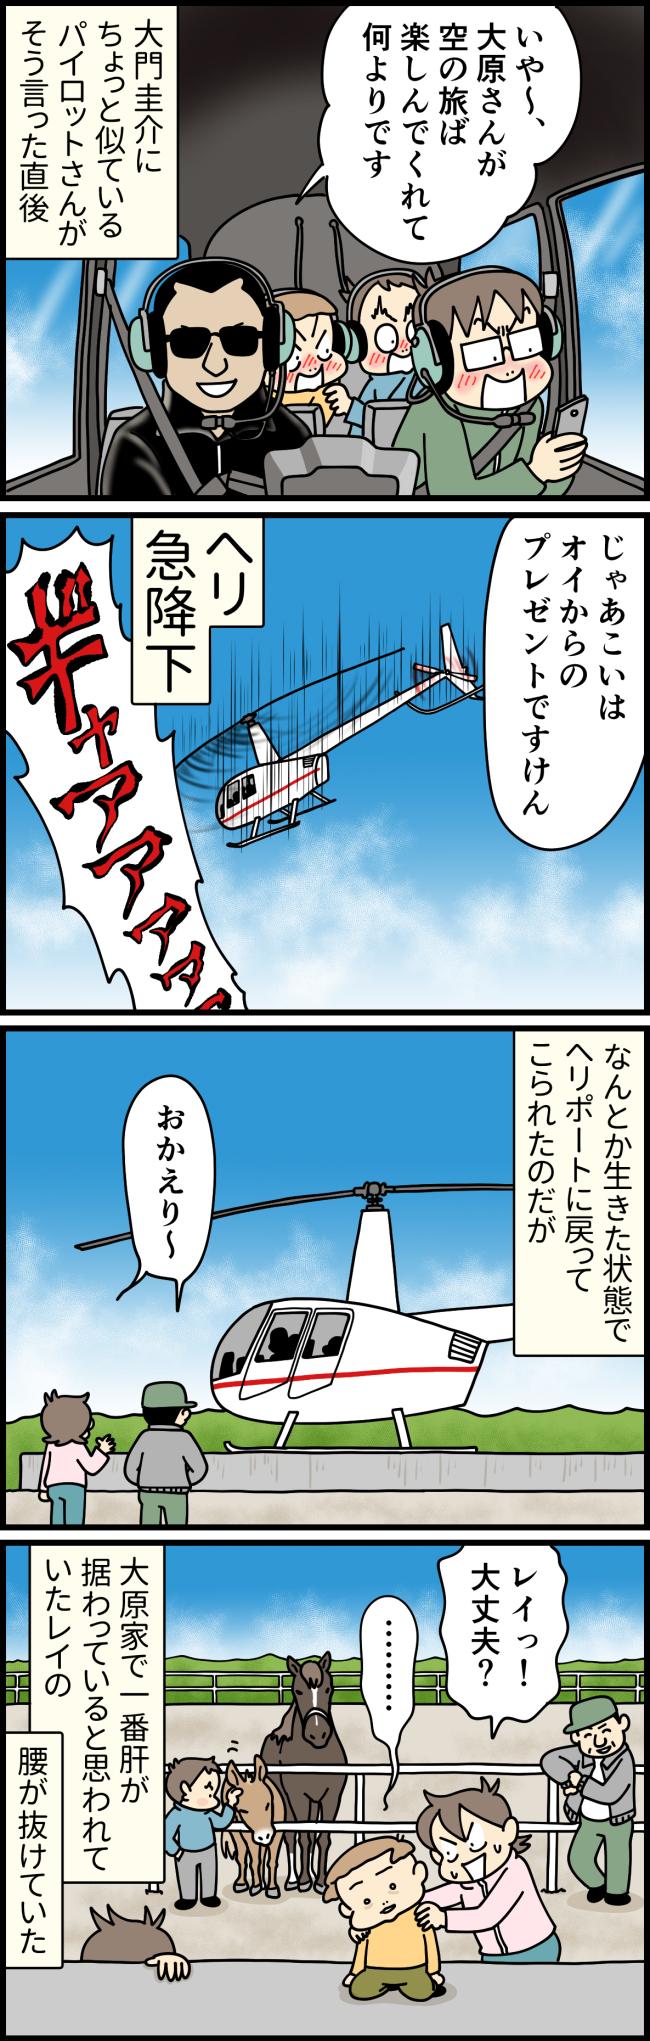 ヘリコプターの観覧飛行のラストに急降下というパイロットのサービスを受け、腰が抜けた大原レイ